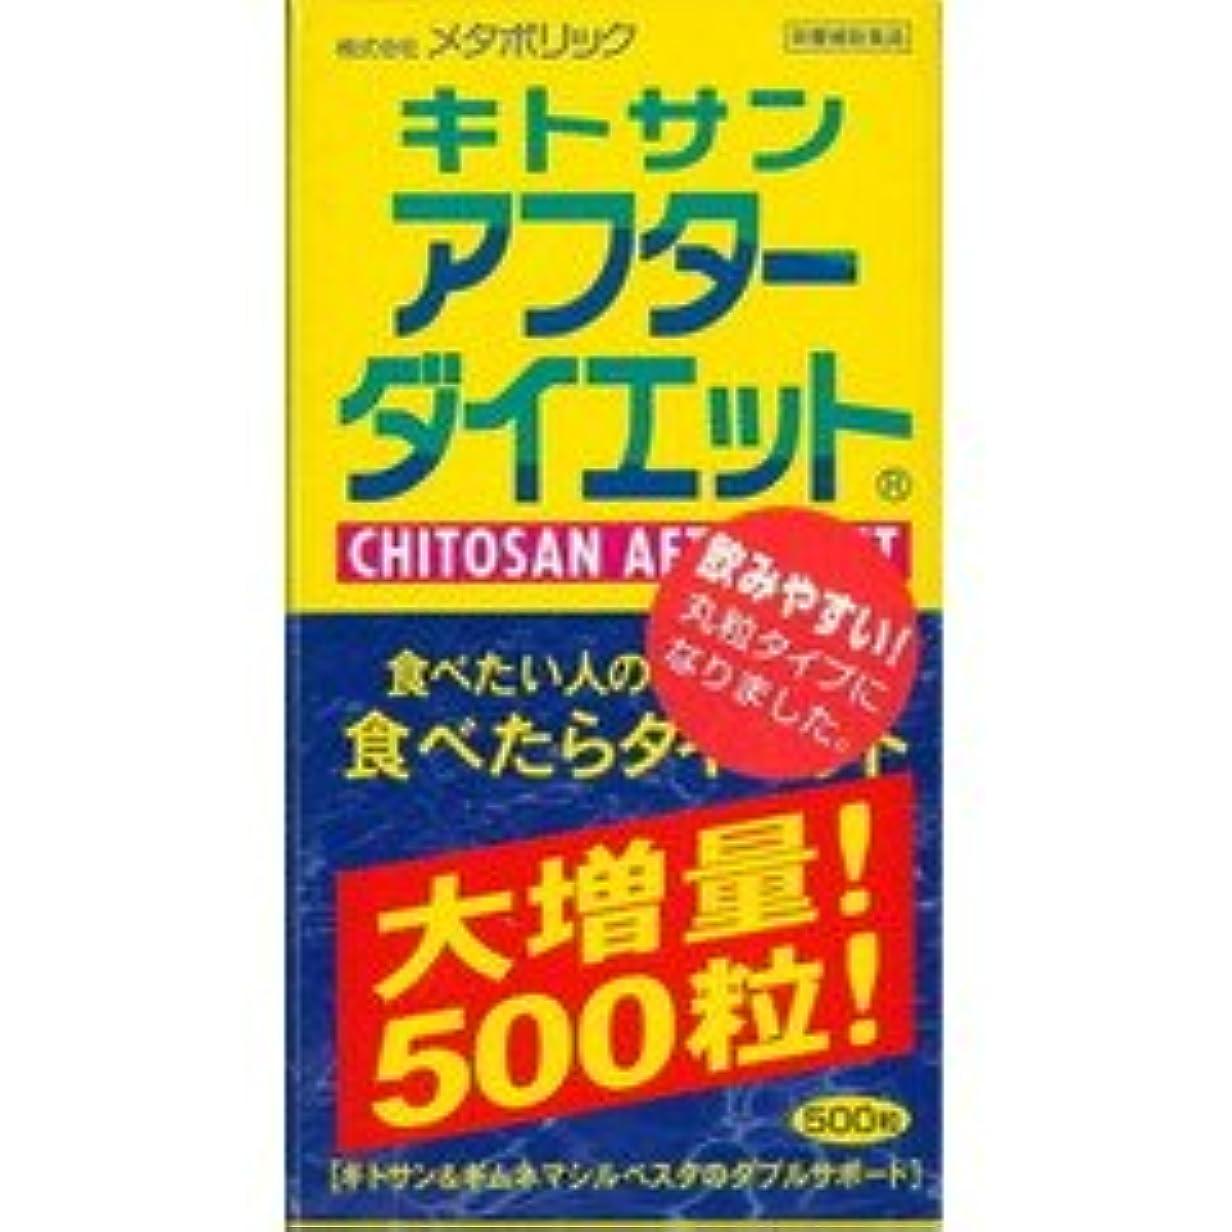 建てる症候群吸収メタボリック キトサン アフターダイエット 500粒入り